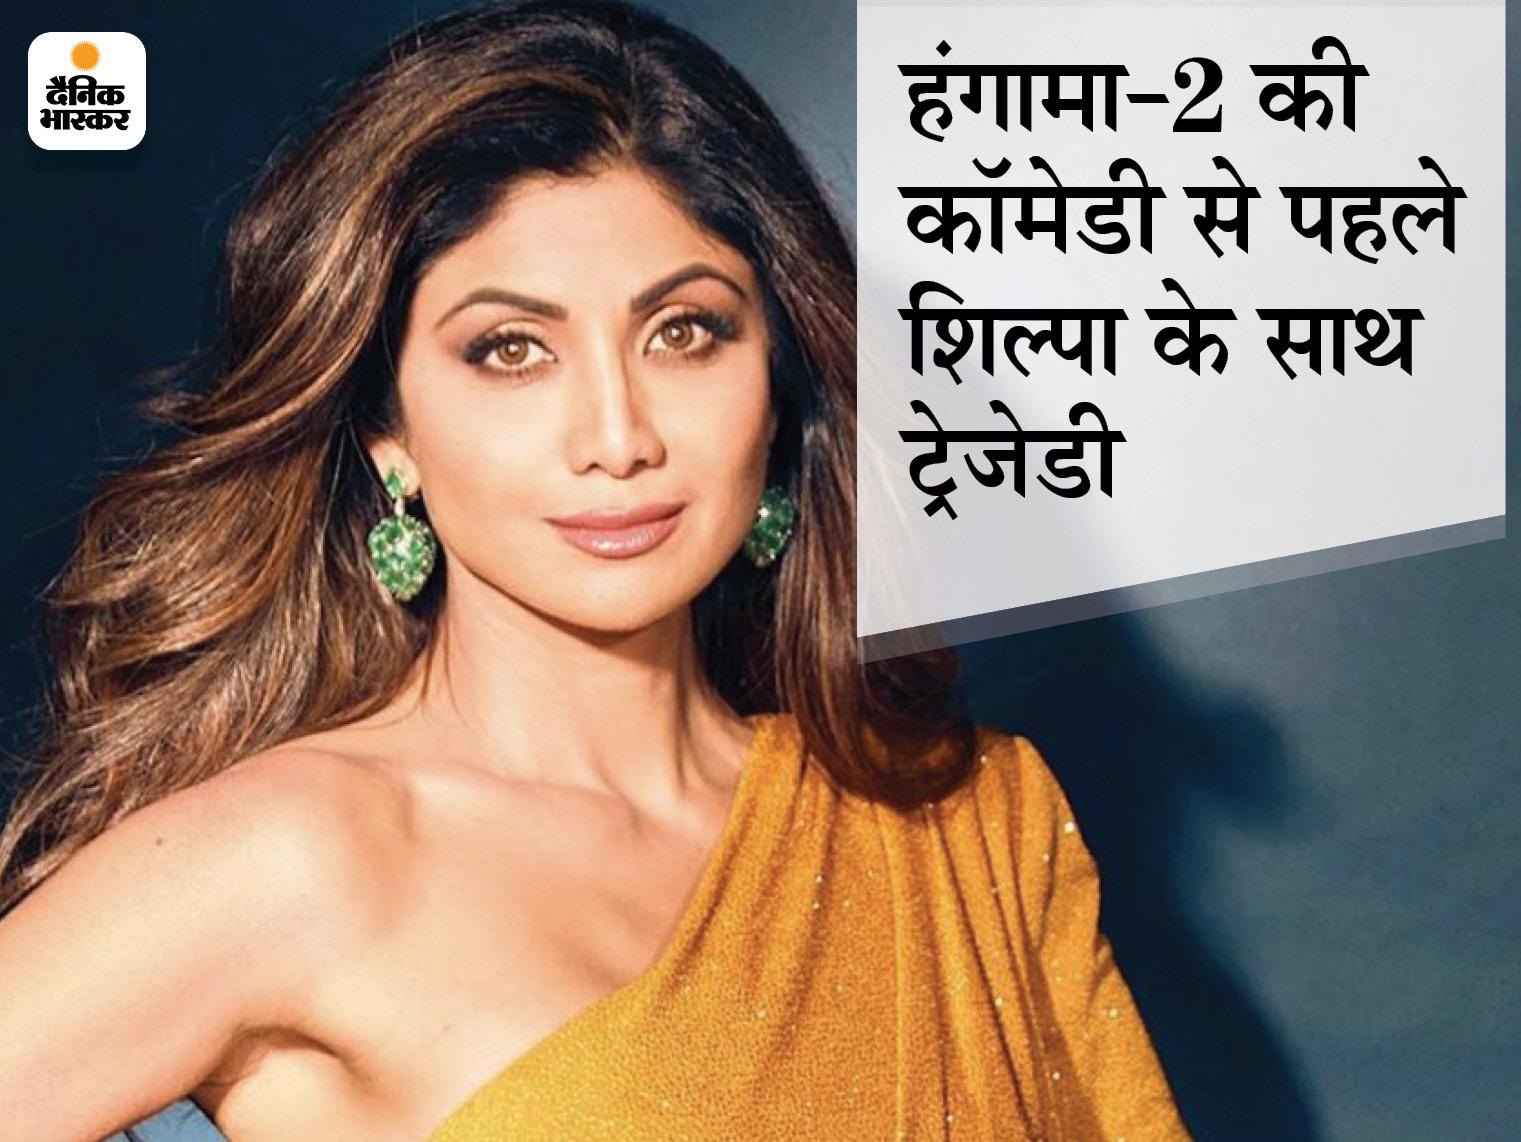 शिल्पा की हंगामा-2, 23 जुलाई को रिलीज होगी, इसी दिन राज कुंद्रा की रिमांड पर फैसला आएगा|बॉलीवुड,Bollywood - Dainik Bhaskar